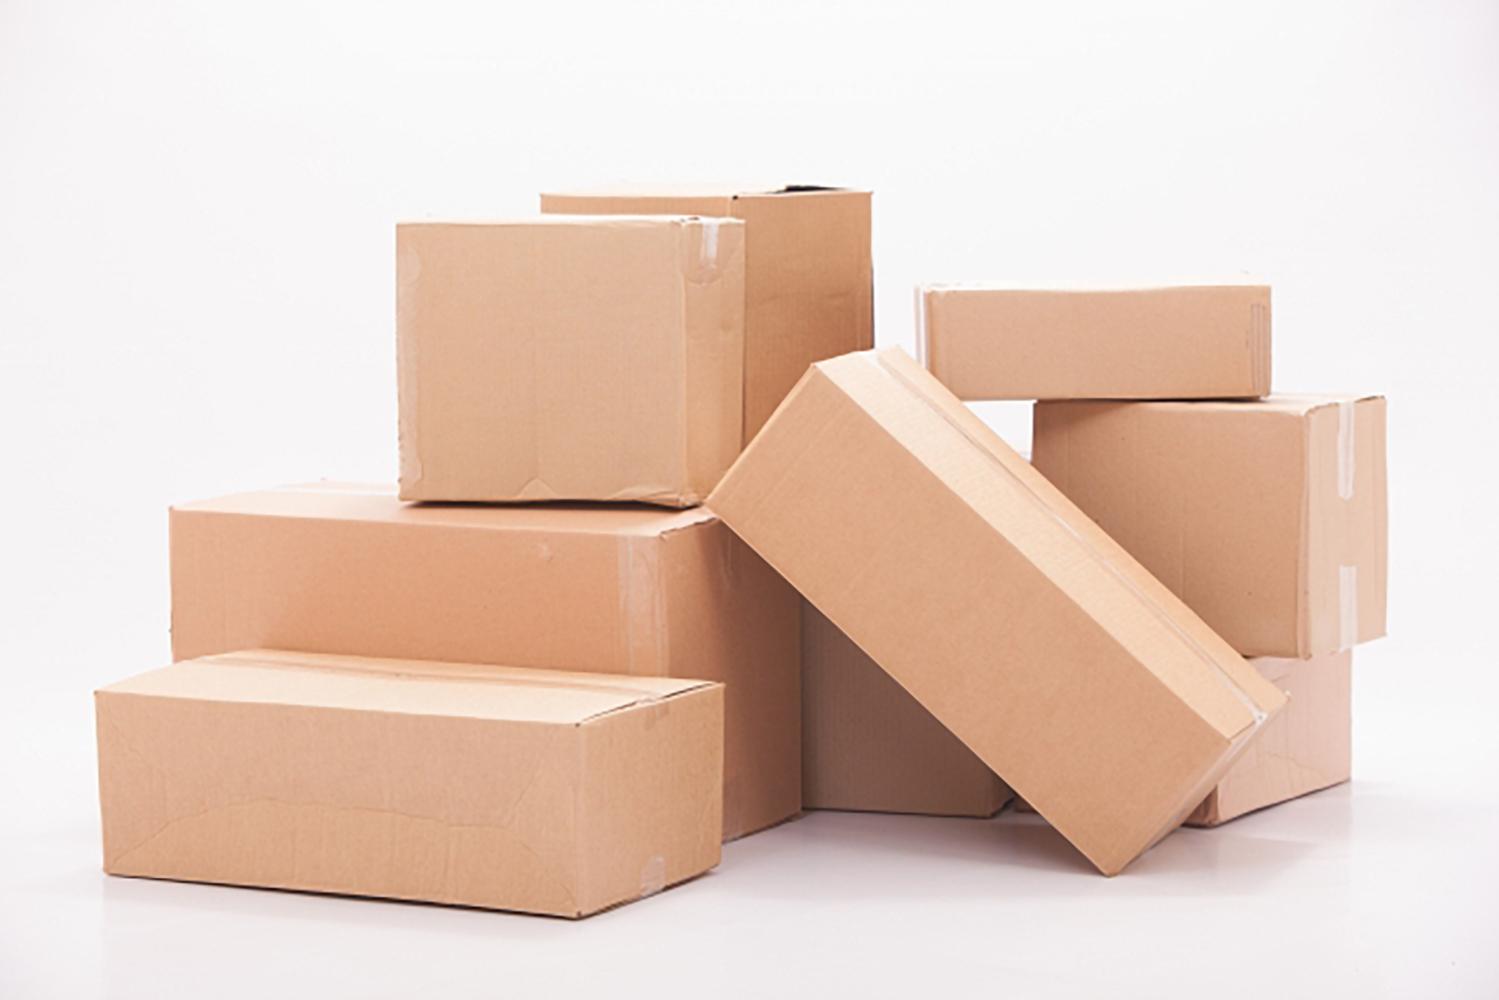 段ボールが棚や家具に大変身!簡単におしゃれな収納スペースを作る活用術まとめ